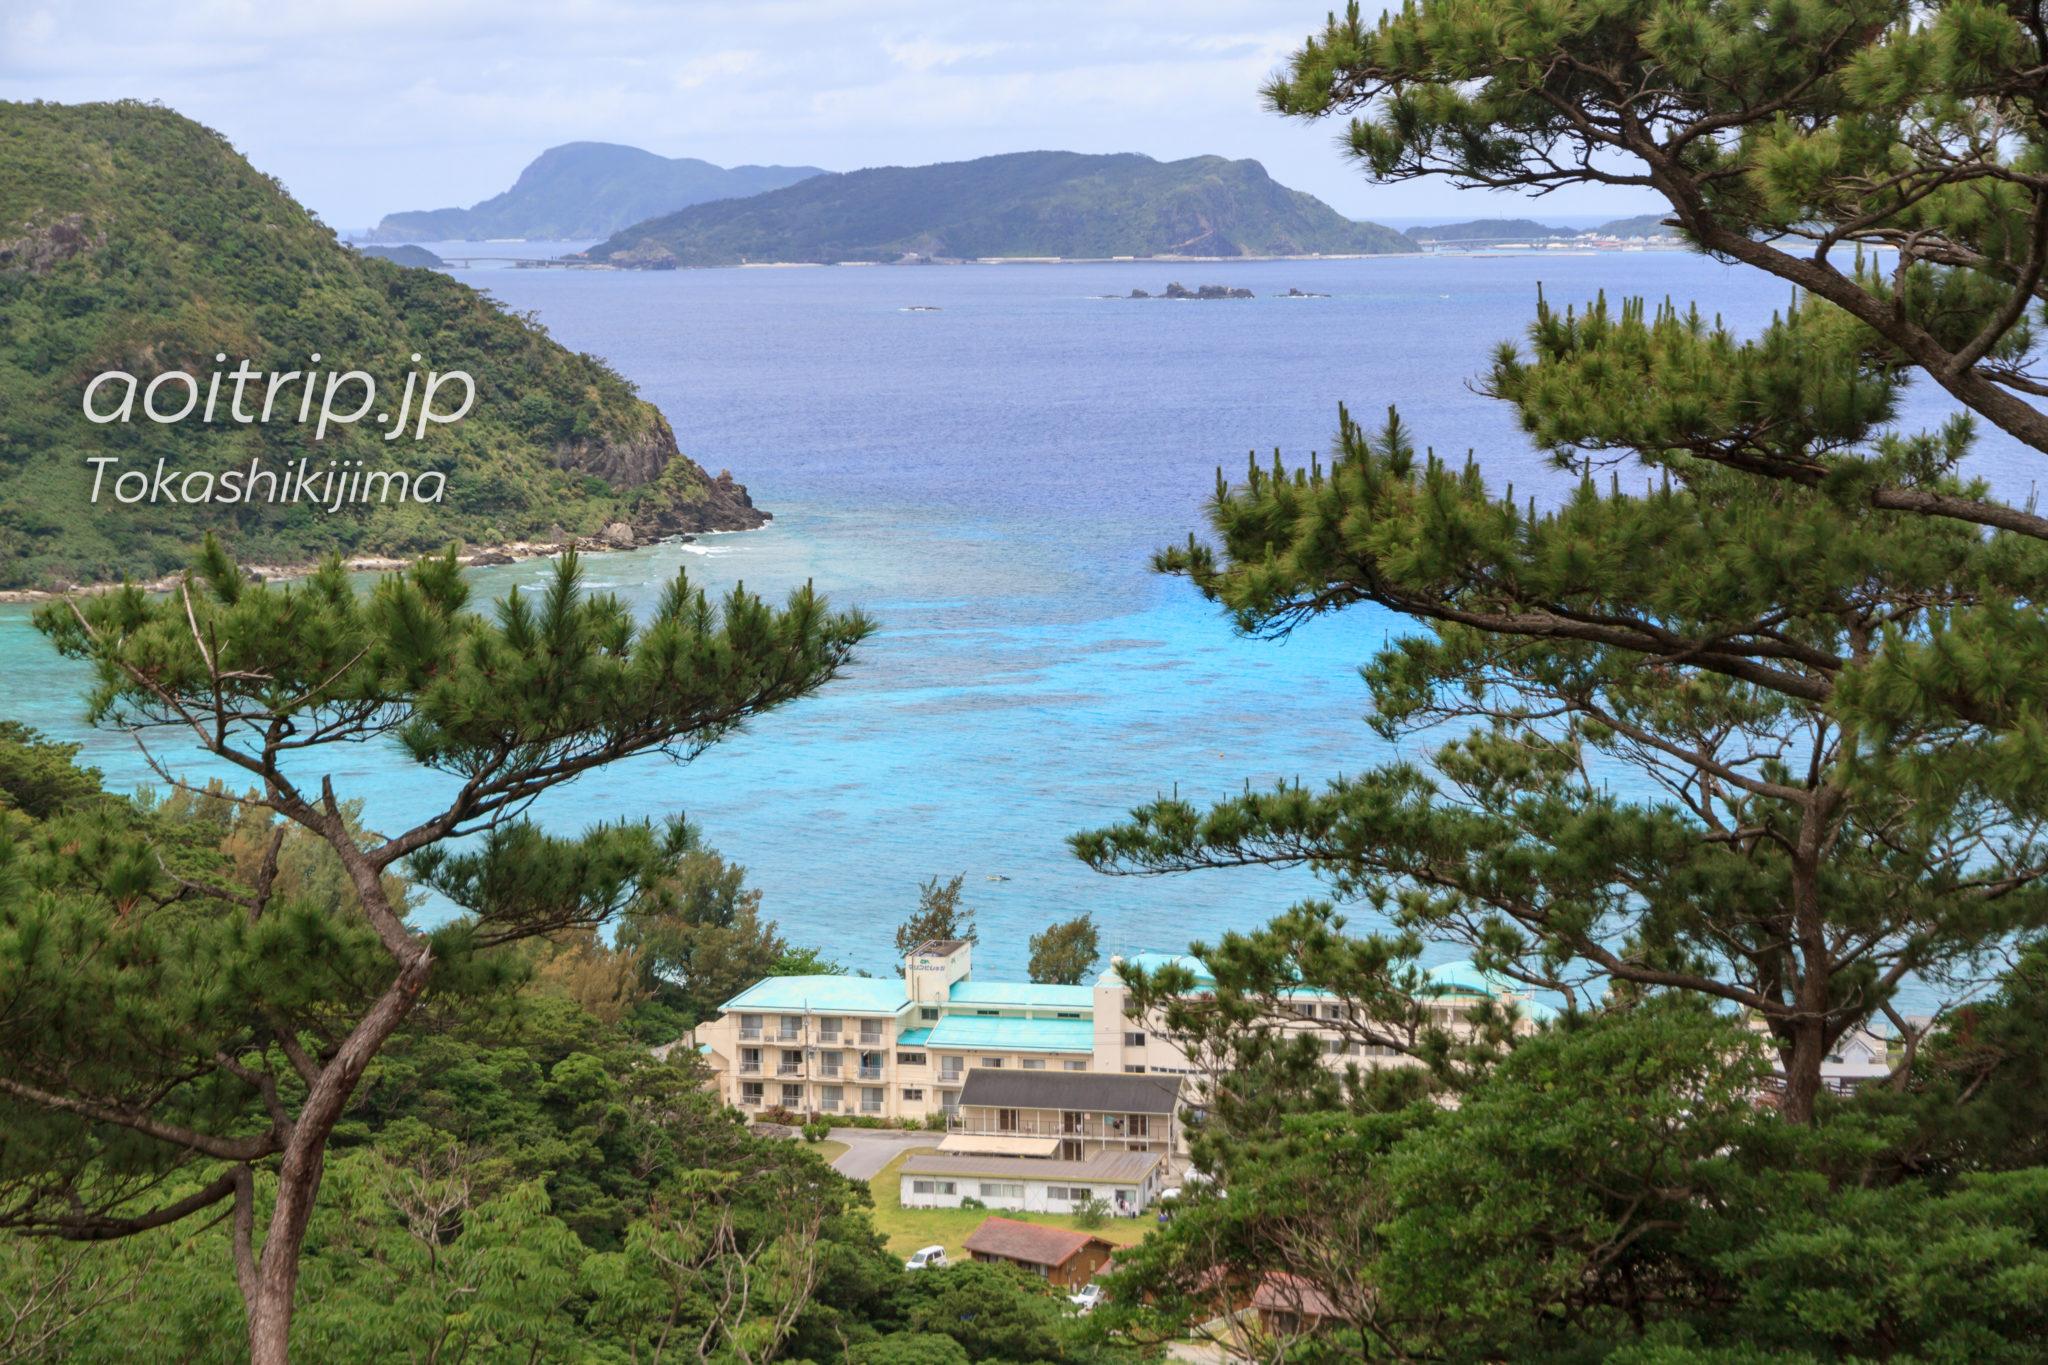 慶良間諸島とかしくマリンビレッジ